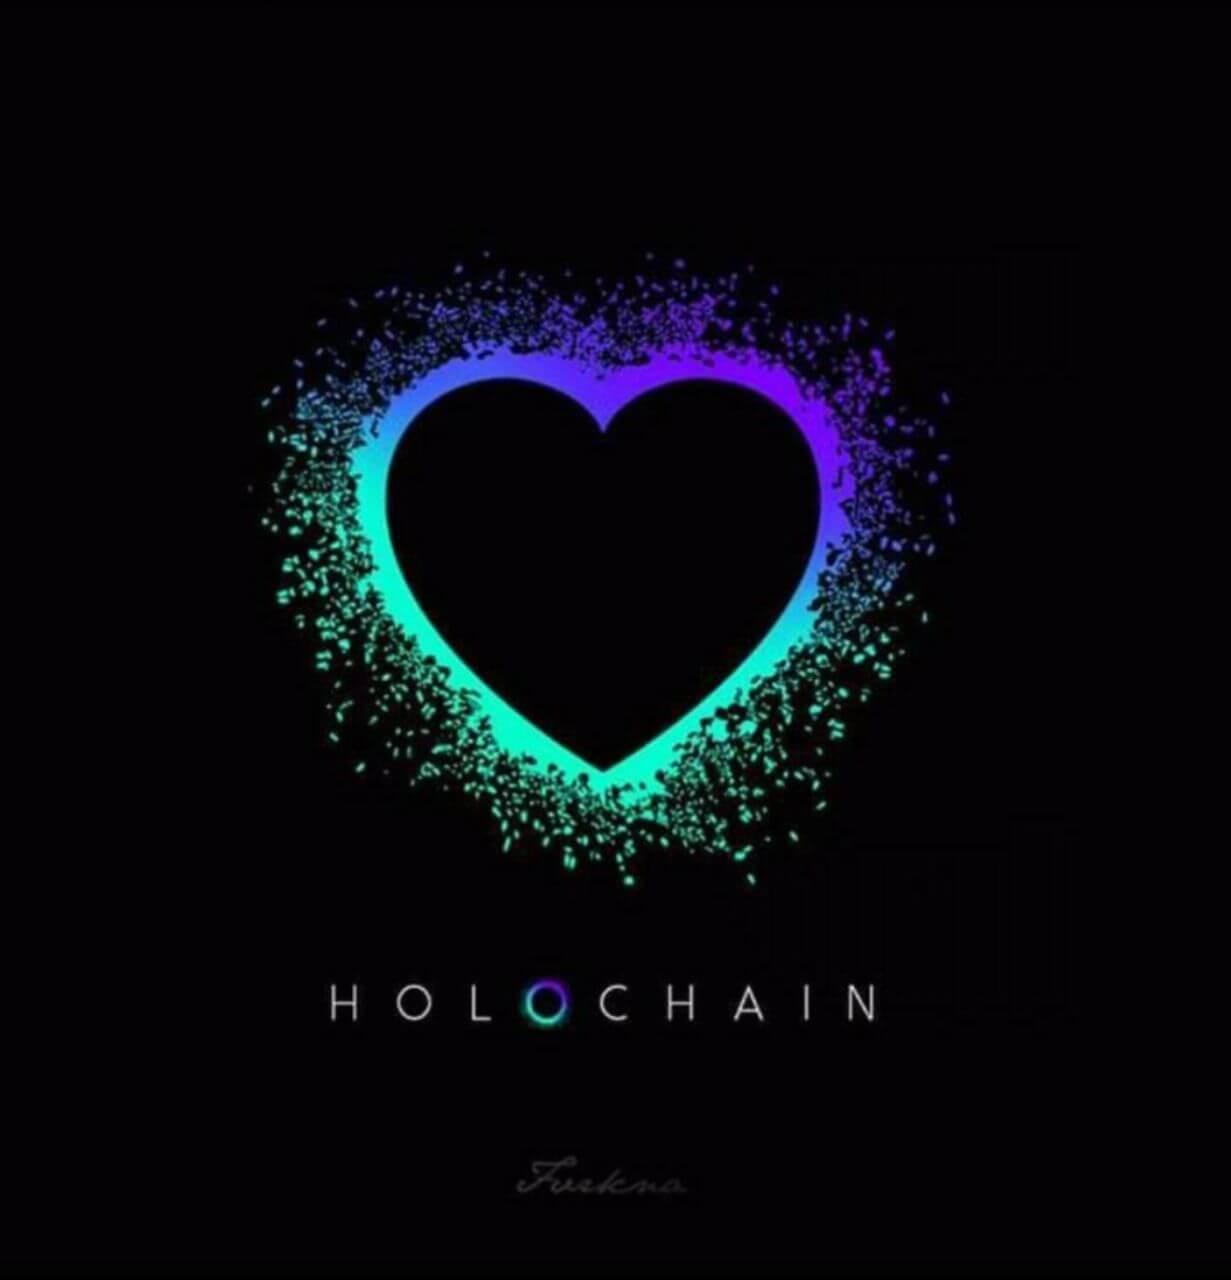 Holochain heart meme